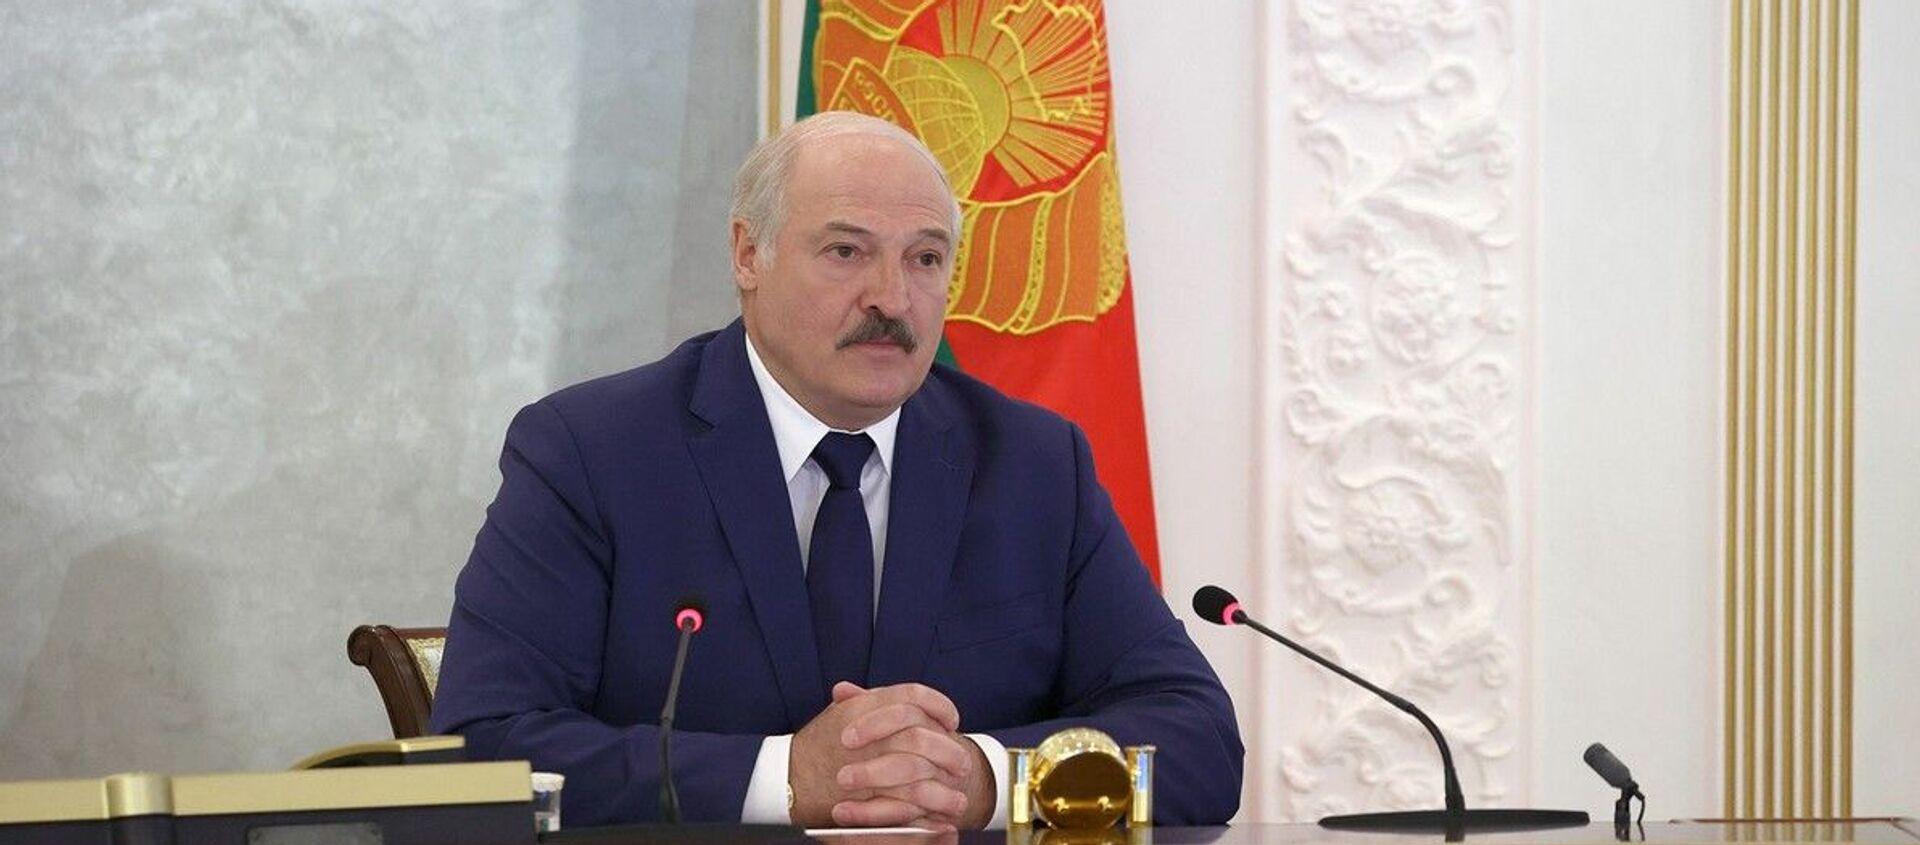 Александр Лукашенко на заседании Совета Безопасности - Sputnik Беларусь, 1920, 18.05.2021